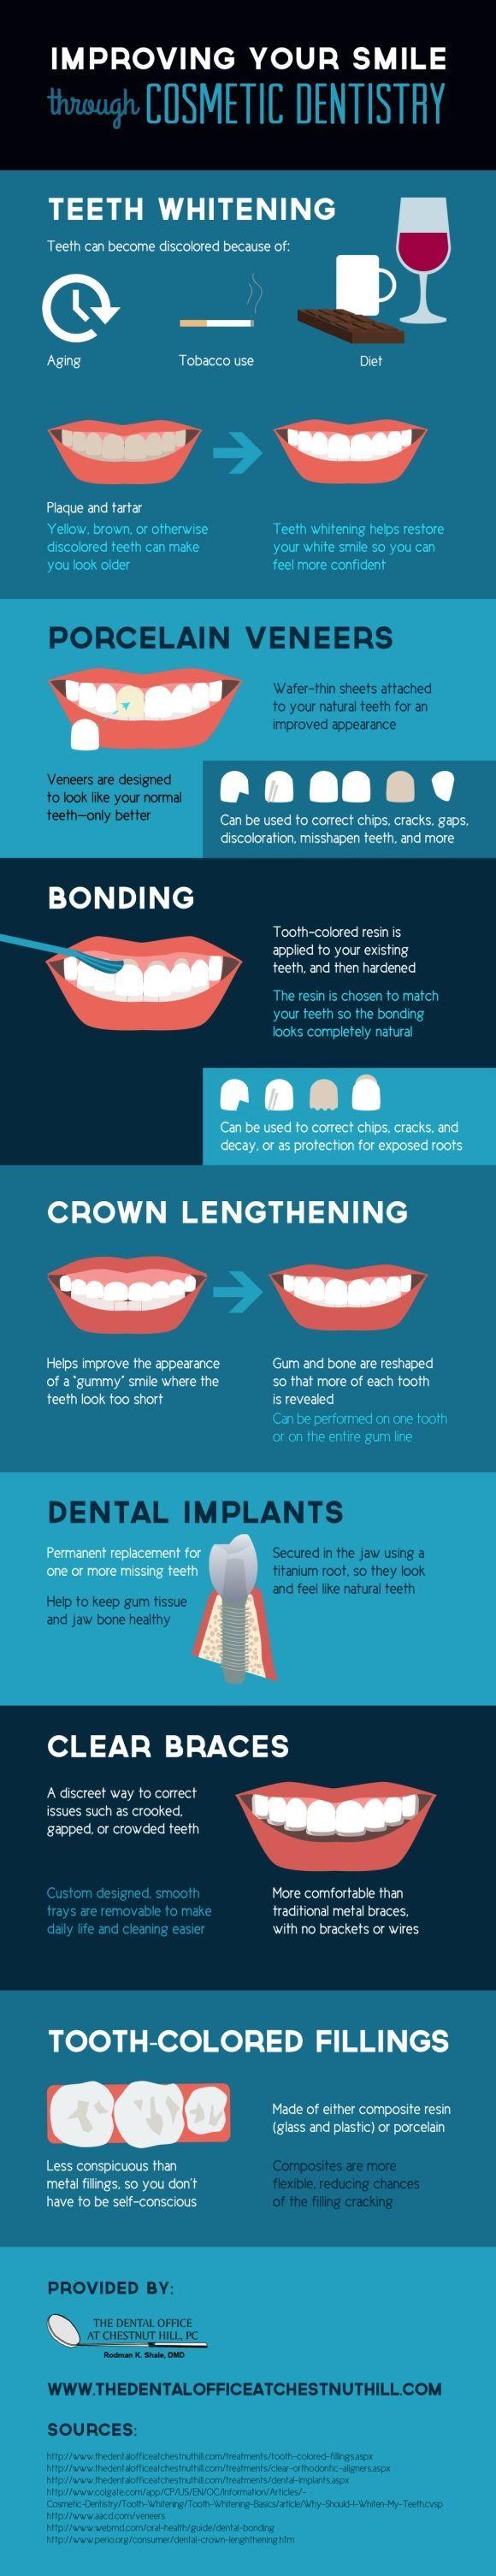 ne consultation lincoln dentistry nebraska preserve free best two dentures for in affordable family